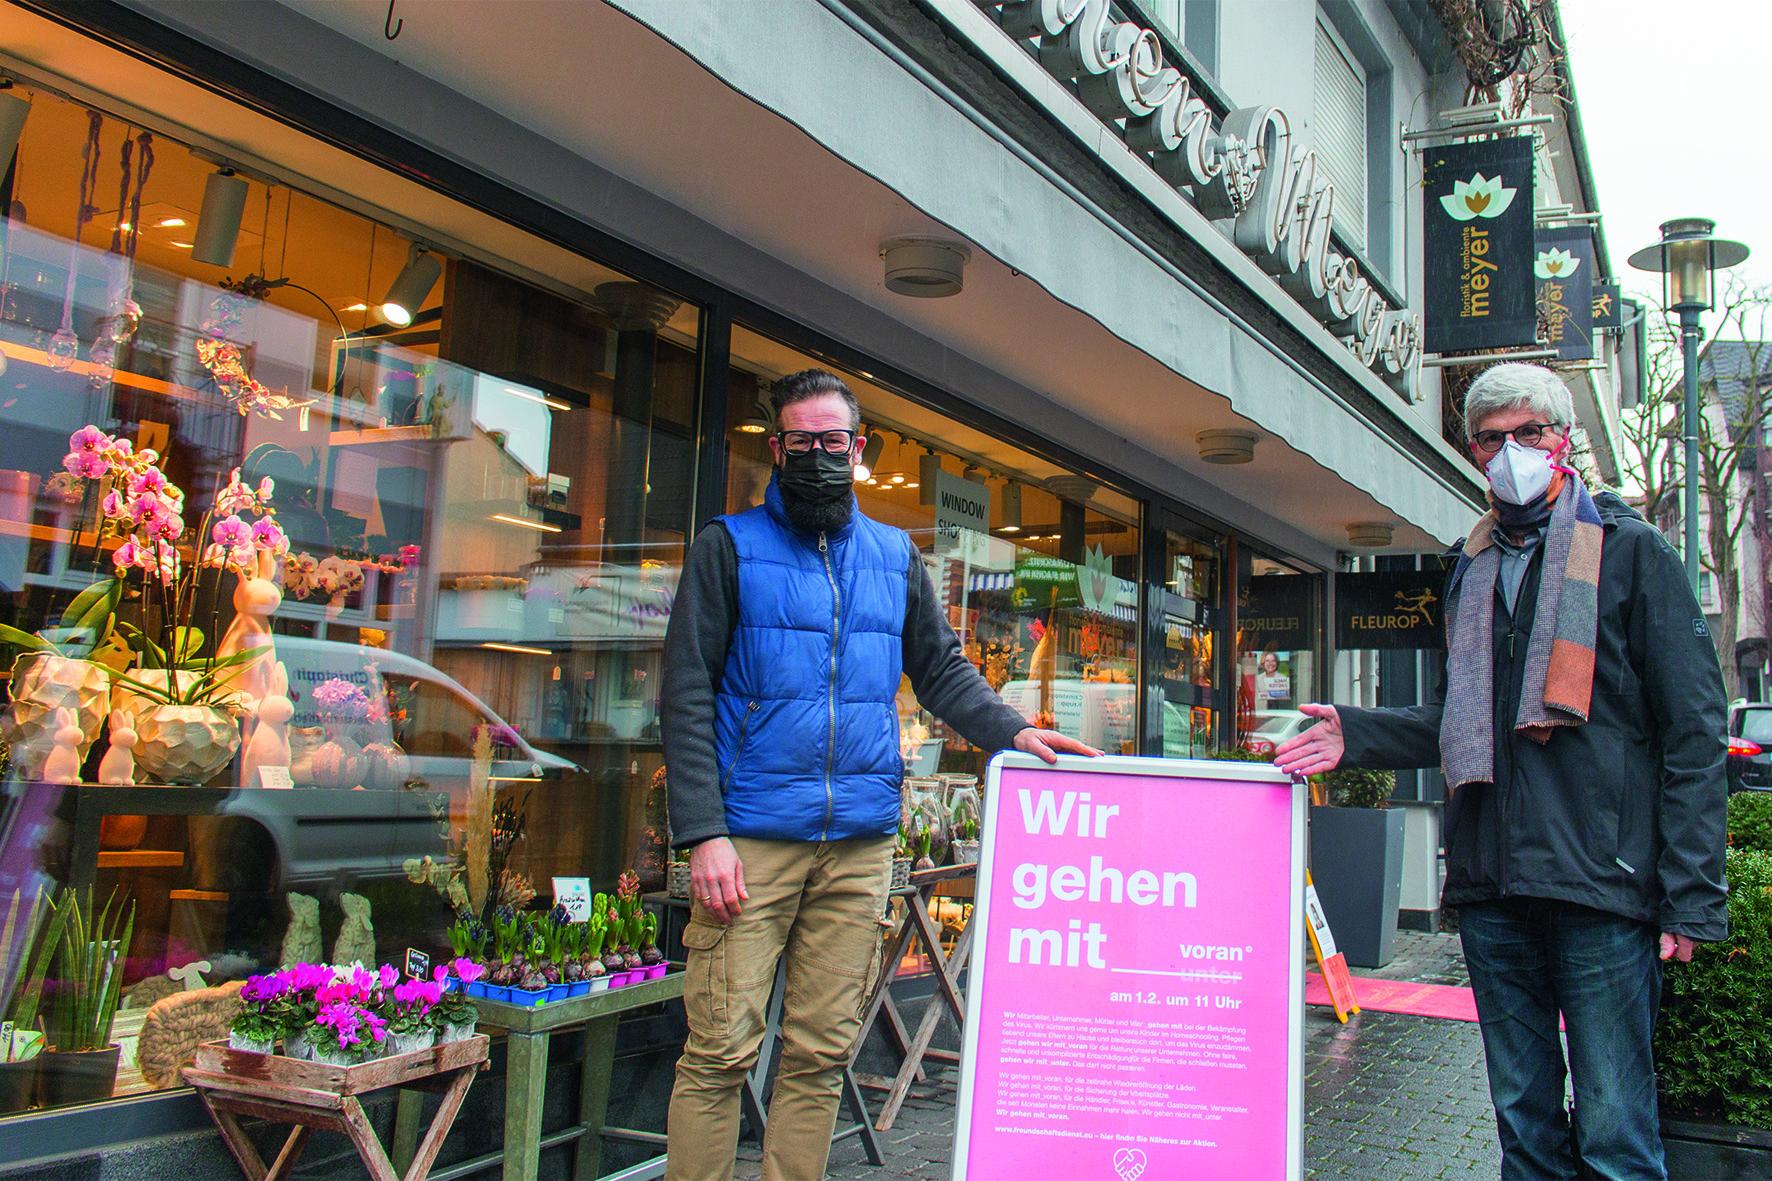 """Landtagskandidat unterstützt beispielsweise Florist Jürgen Meyer und sein Geschäft bei der Aktion """"Wir gehen mit_voran"""""""